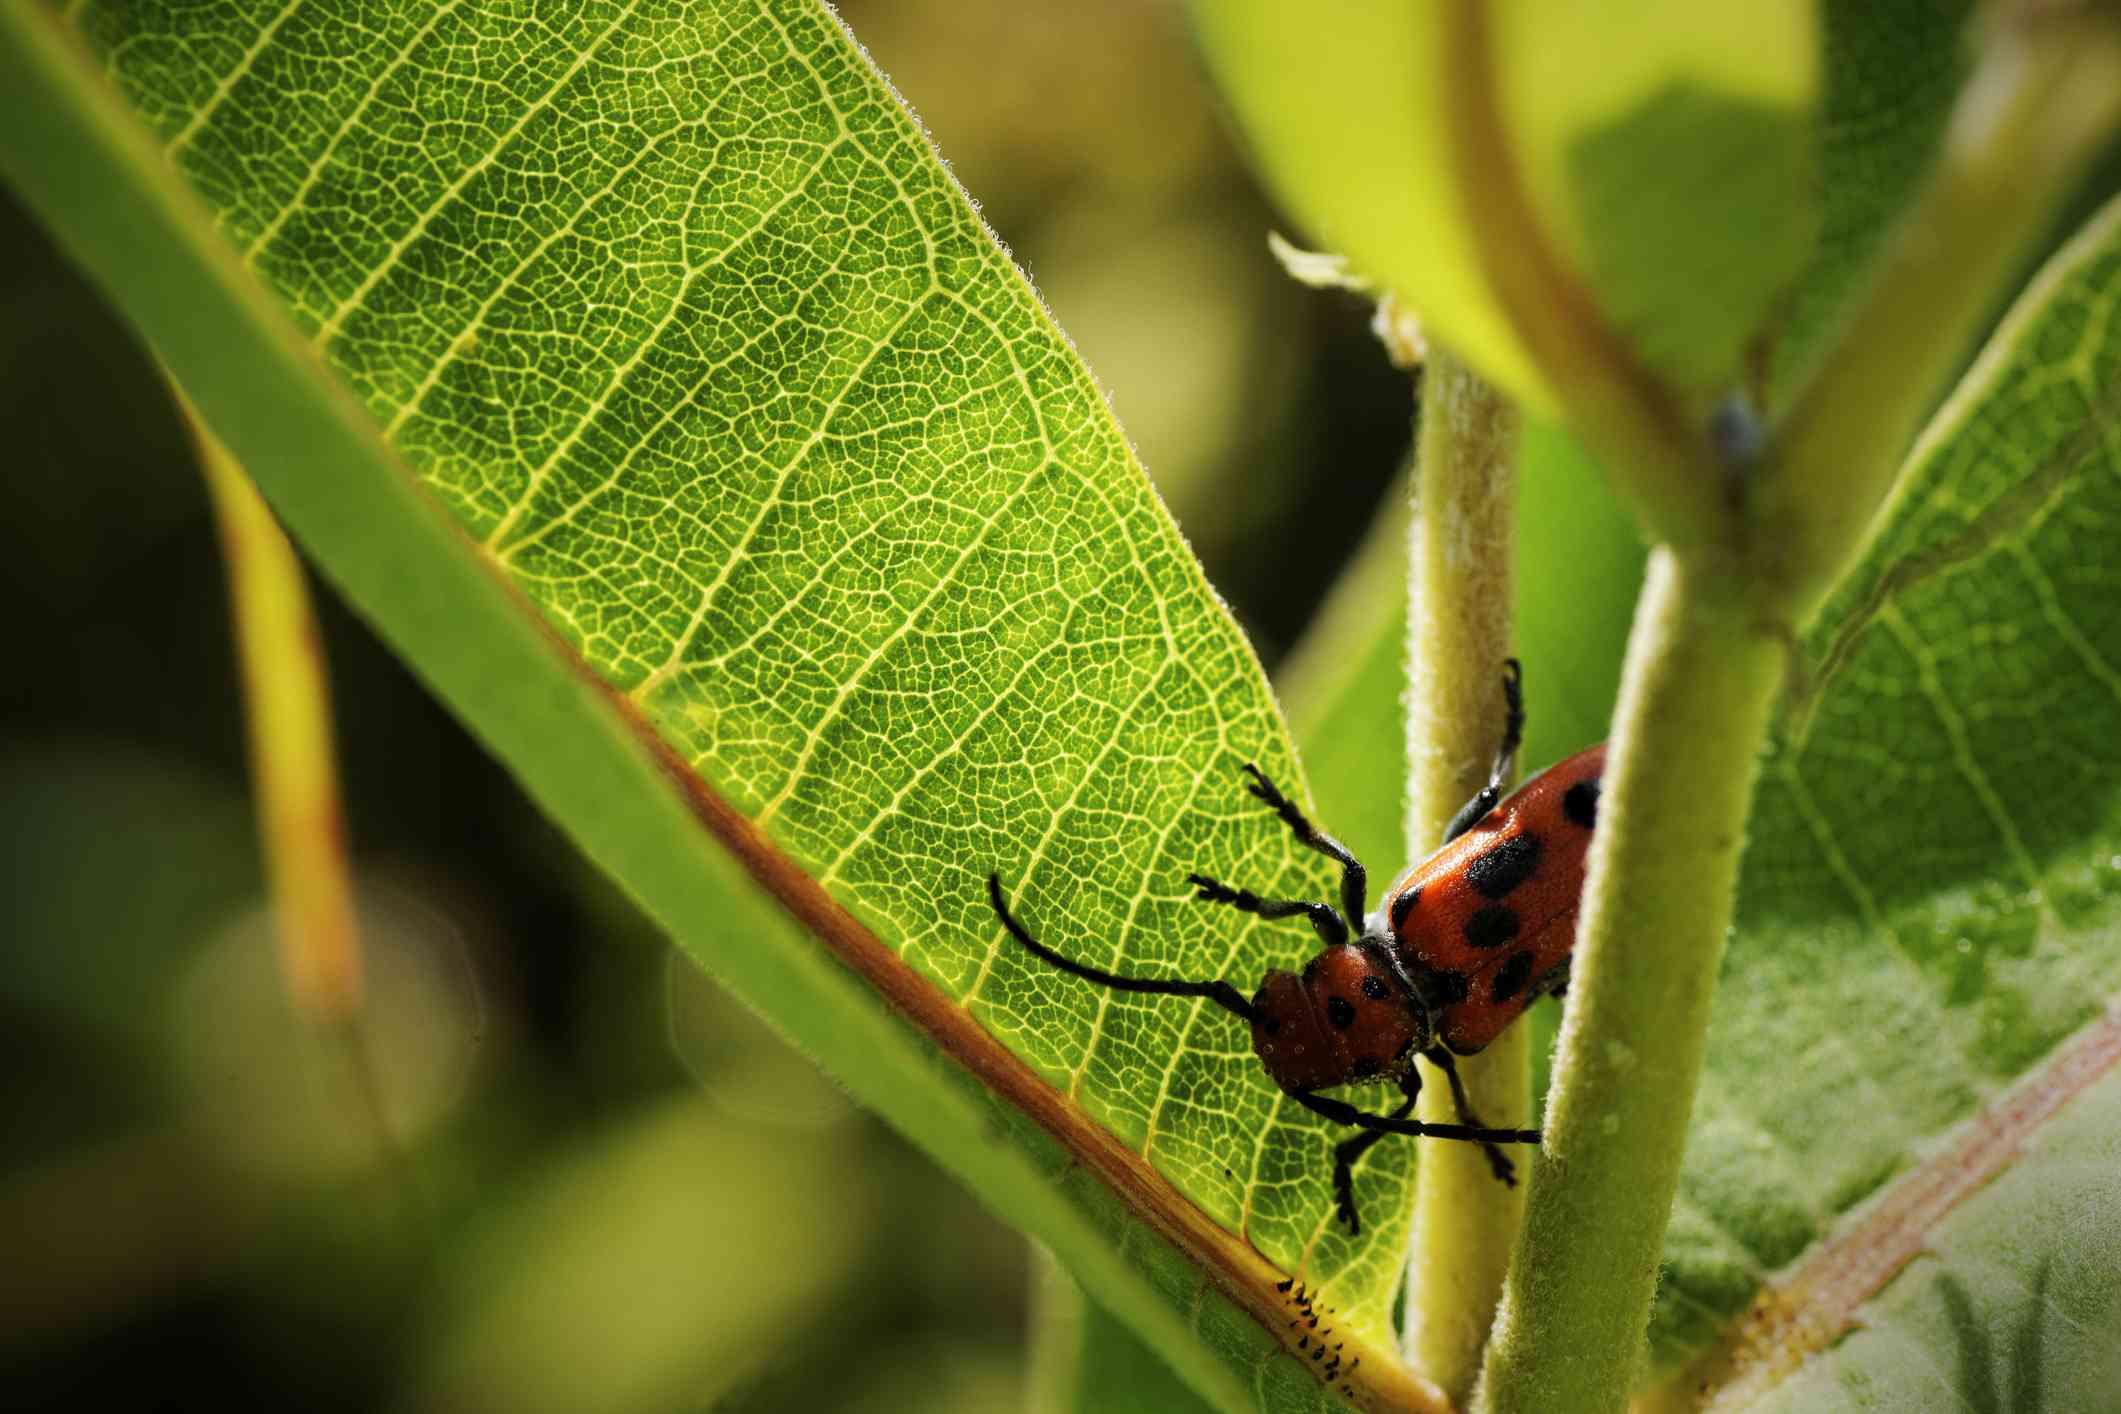 Red beetle standing on milkweed, Indiana, USA